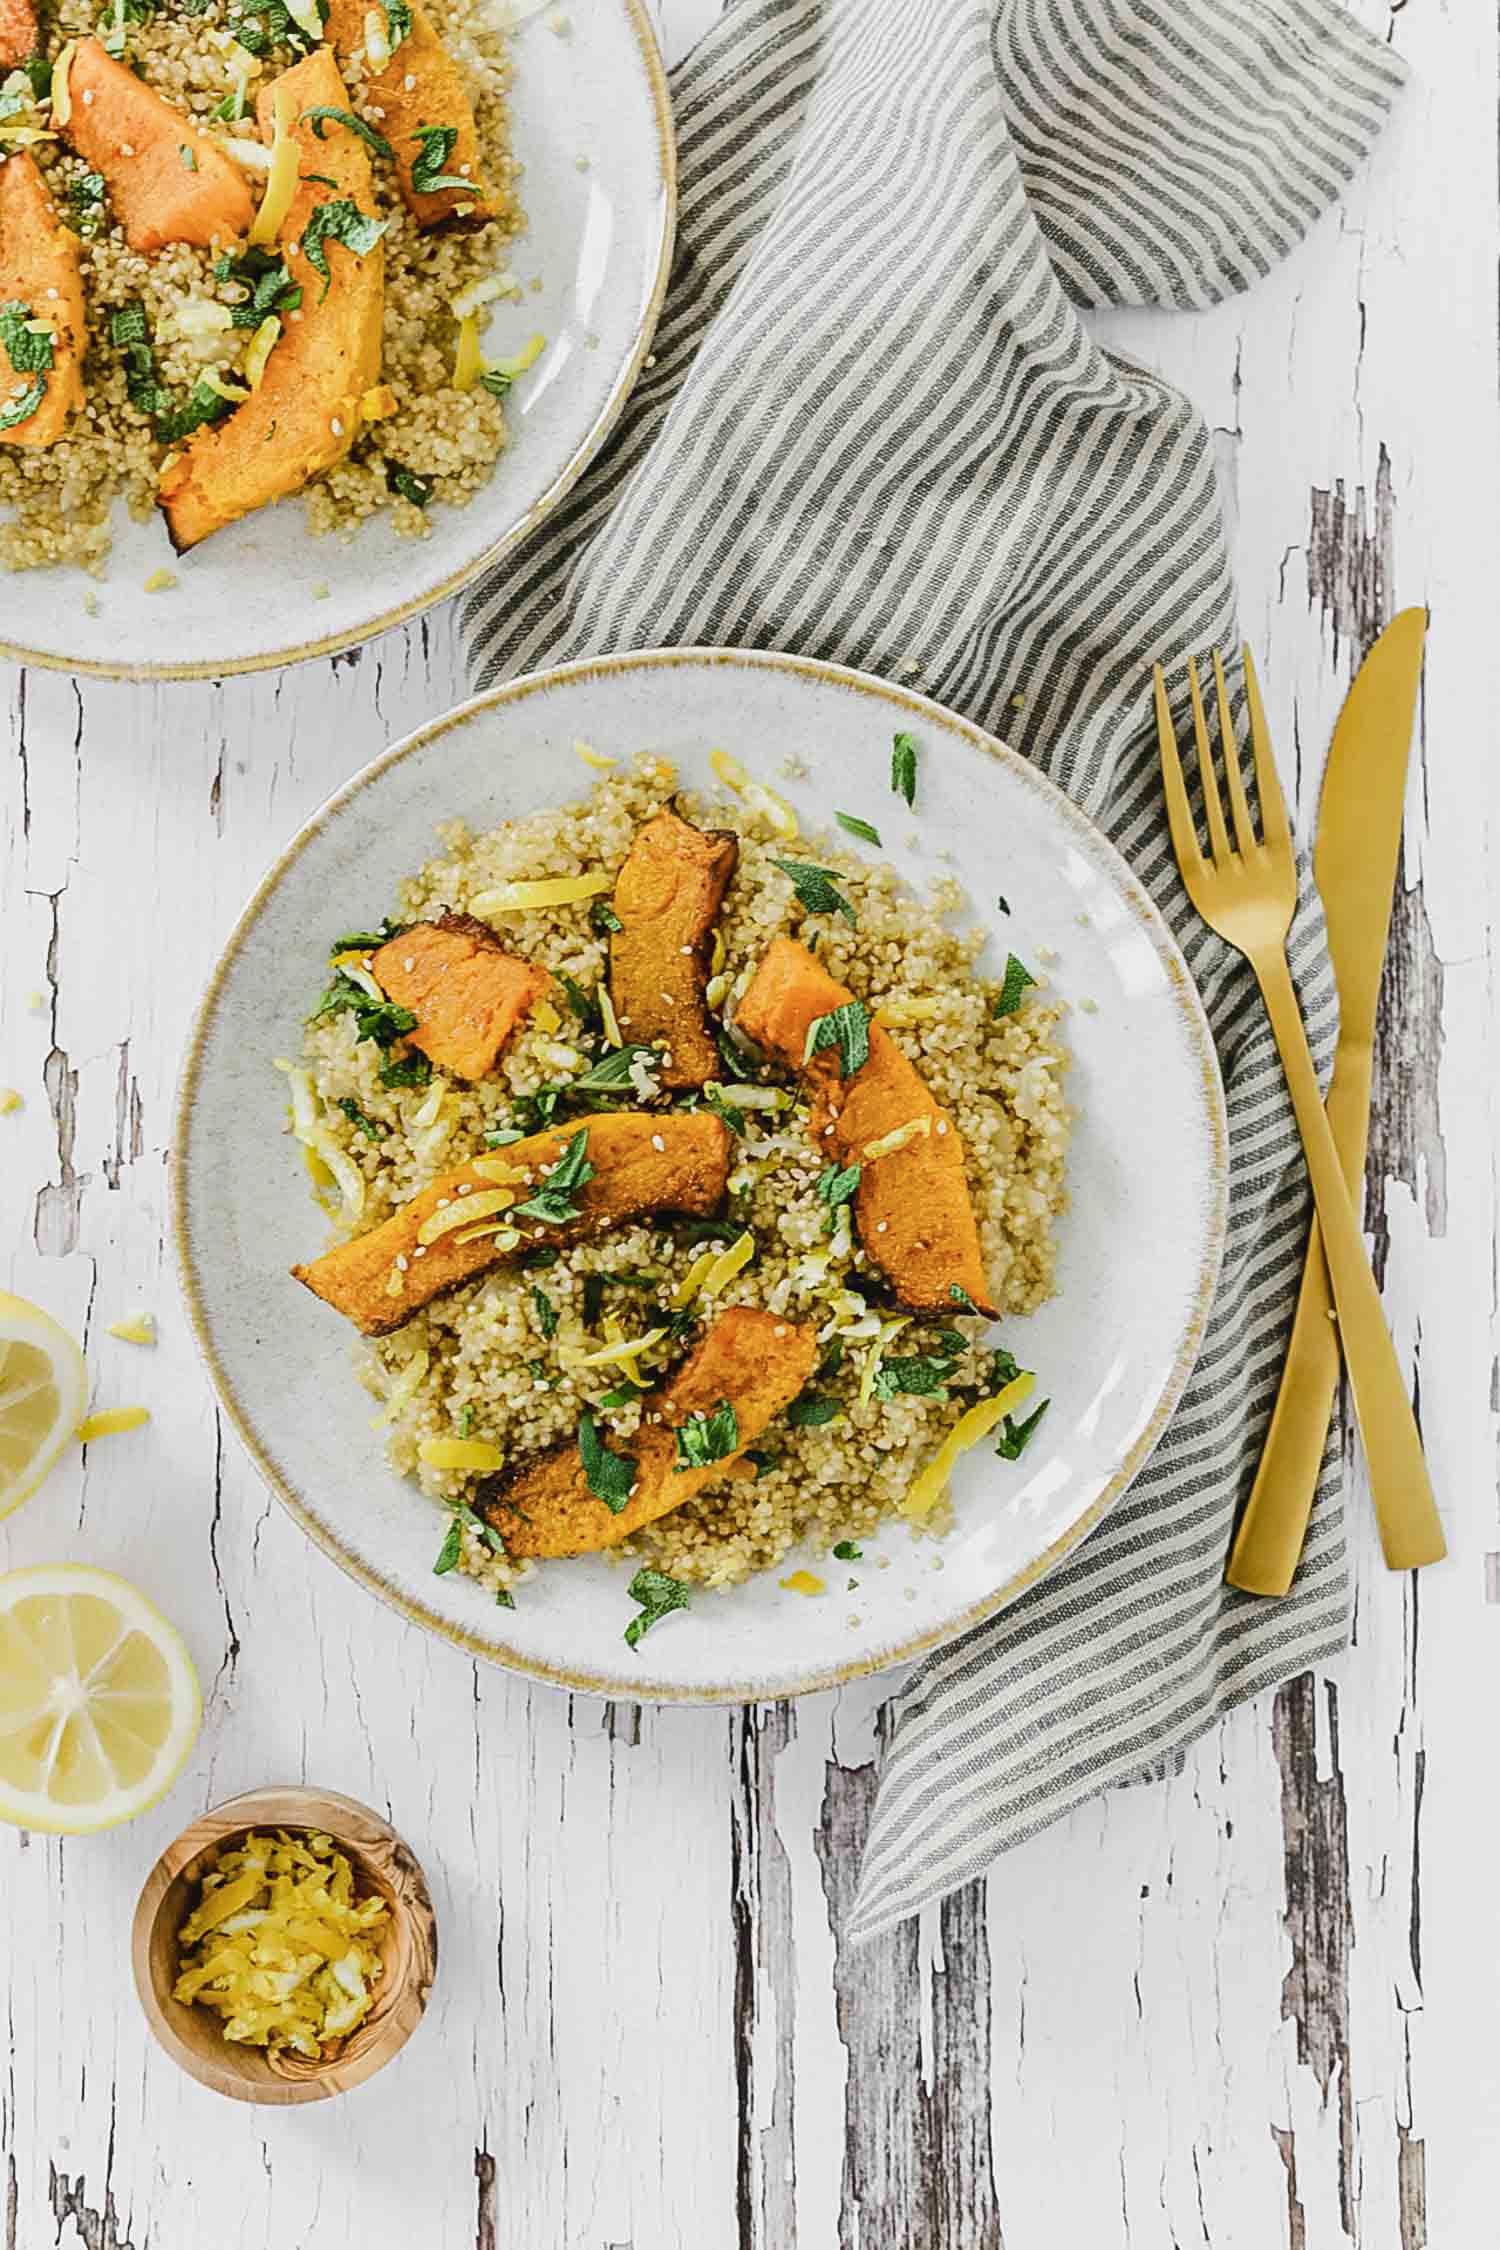 Recette vegan quinoa courge bleue, citron et sauge fraîche